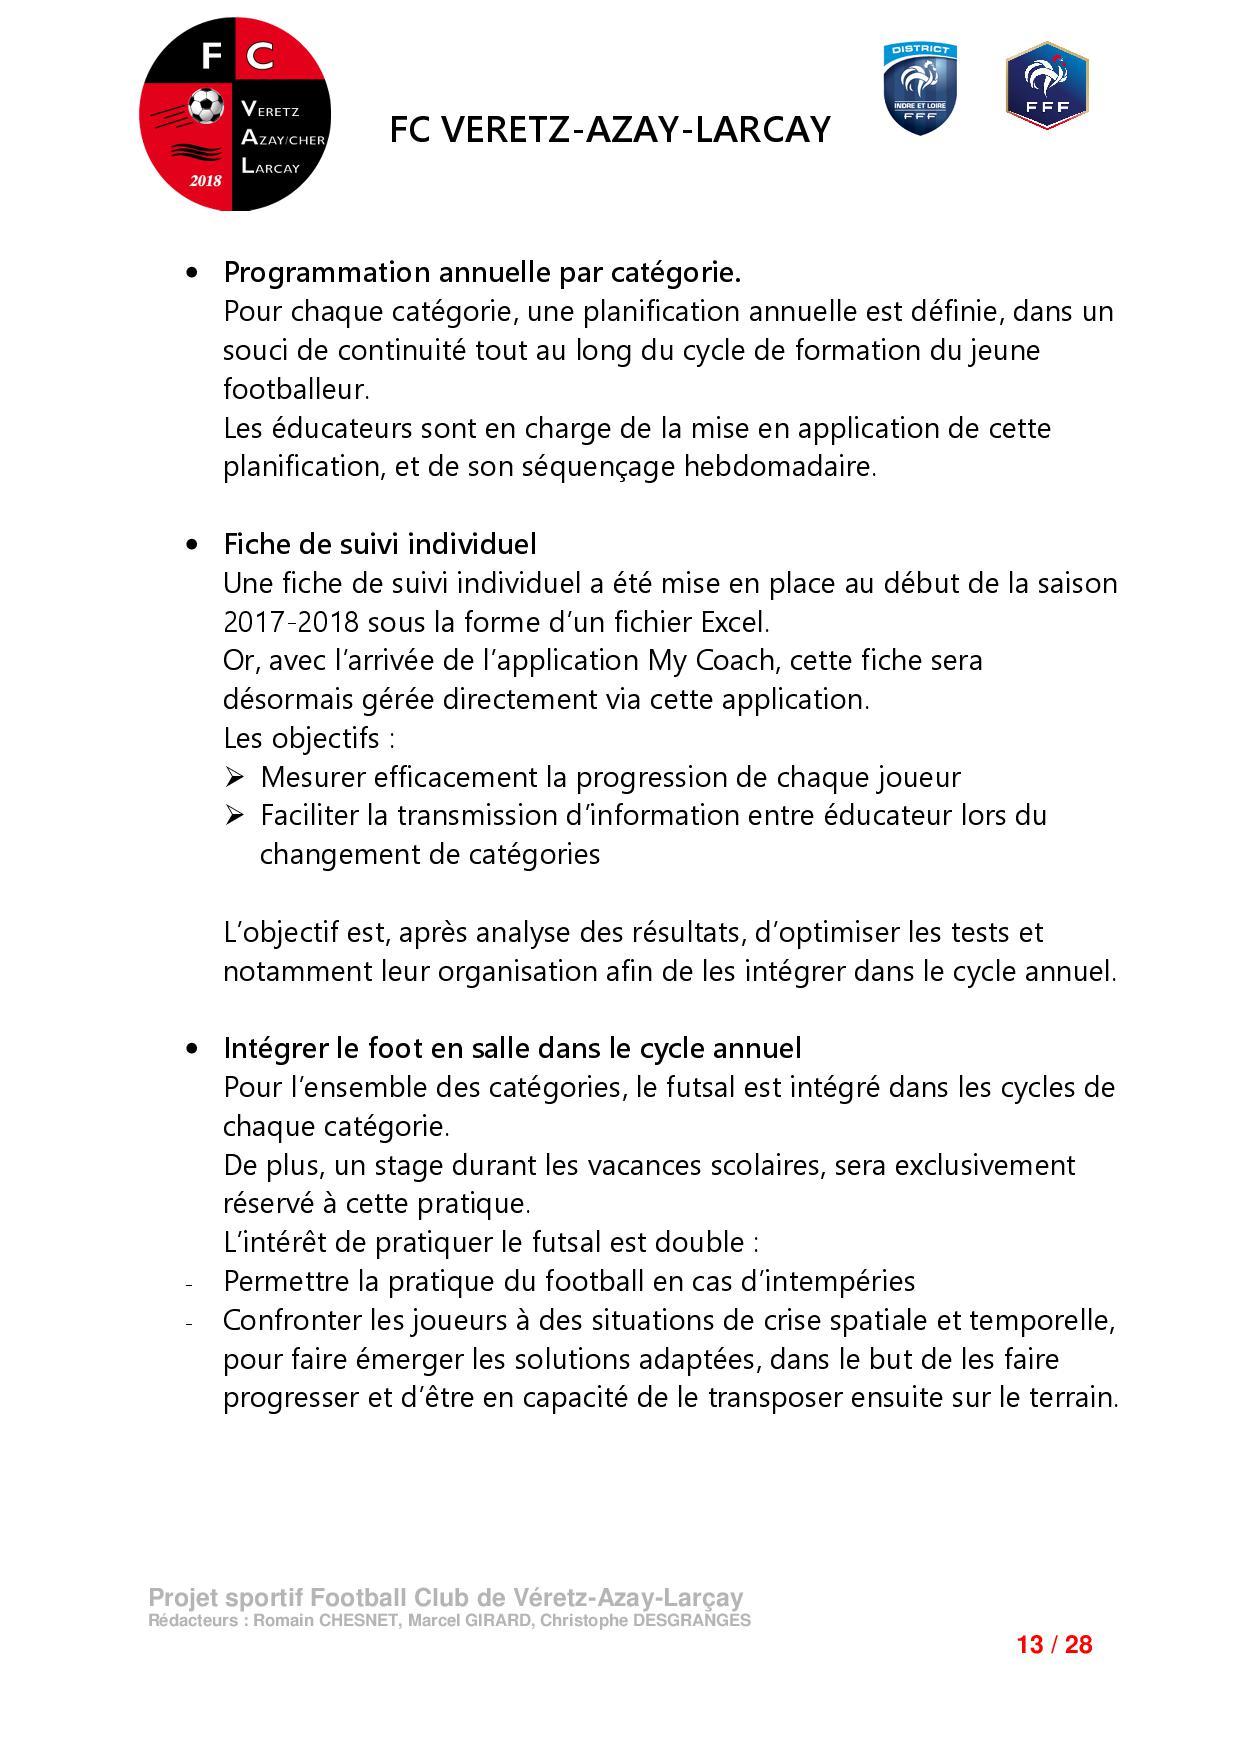 projet_sportif_2017-202013.jpg